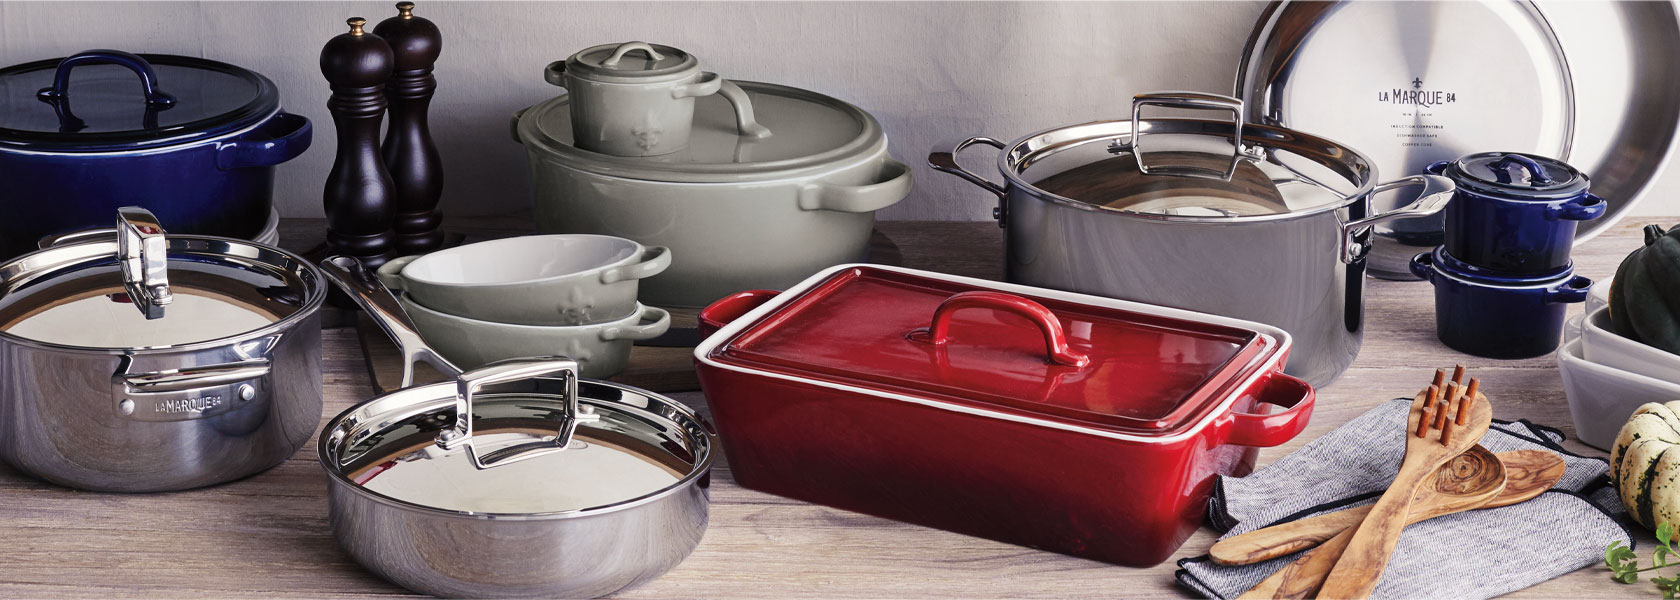 La Marque 84 cookware and serveware